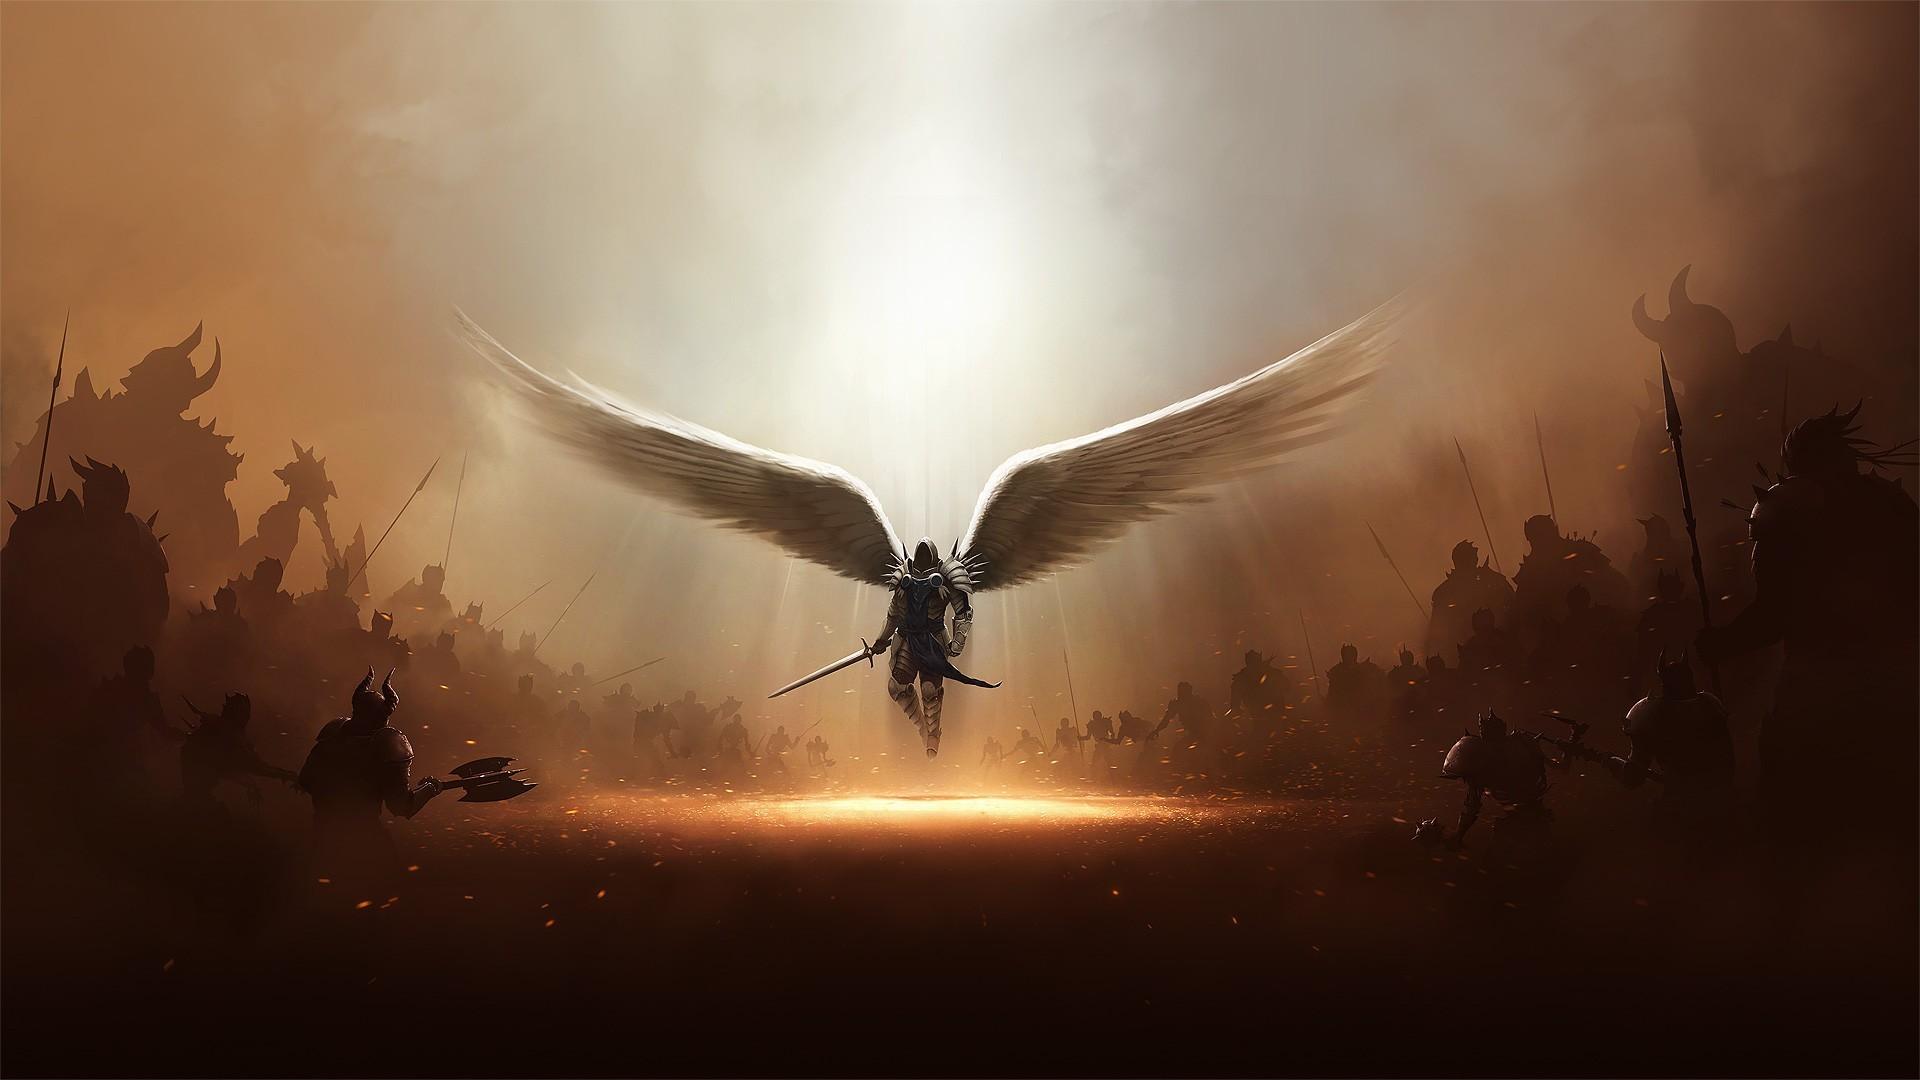 грунты хорошо фото архангела михаила для рабочего стола волк, лес убежит